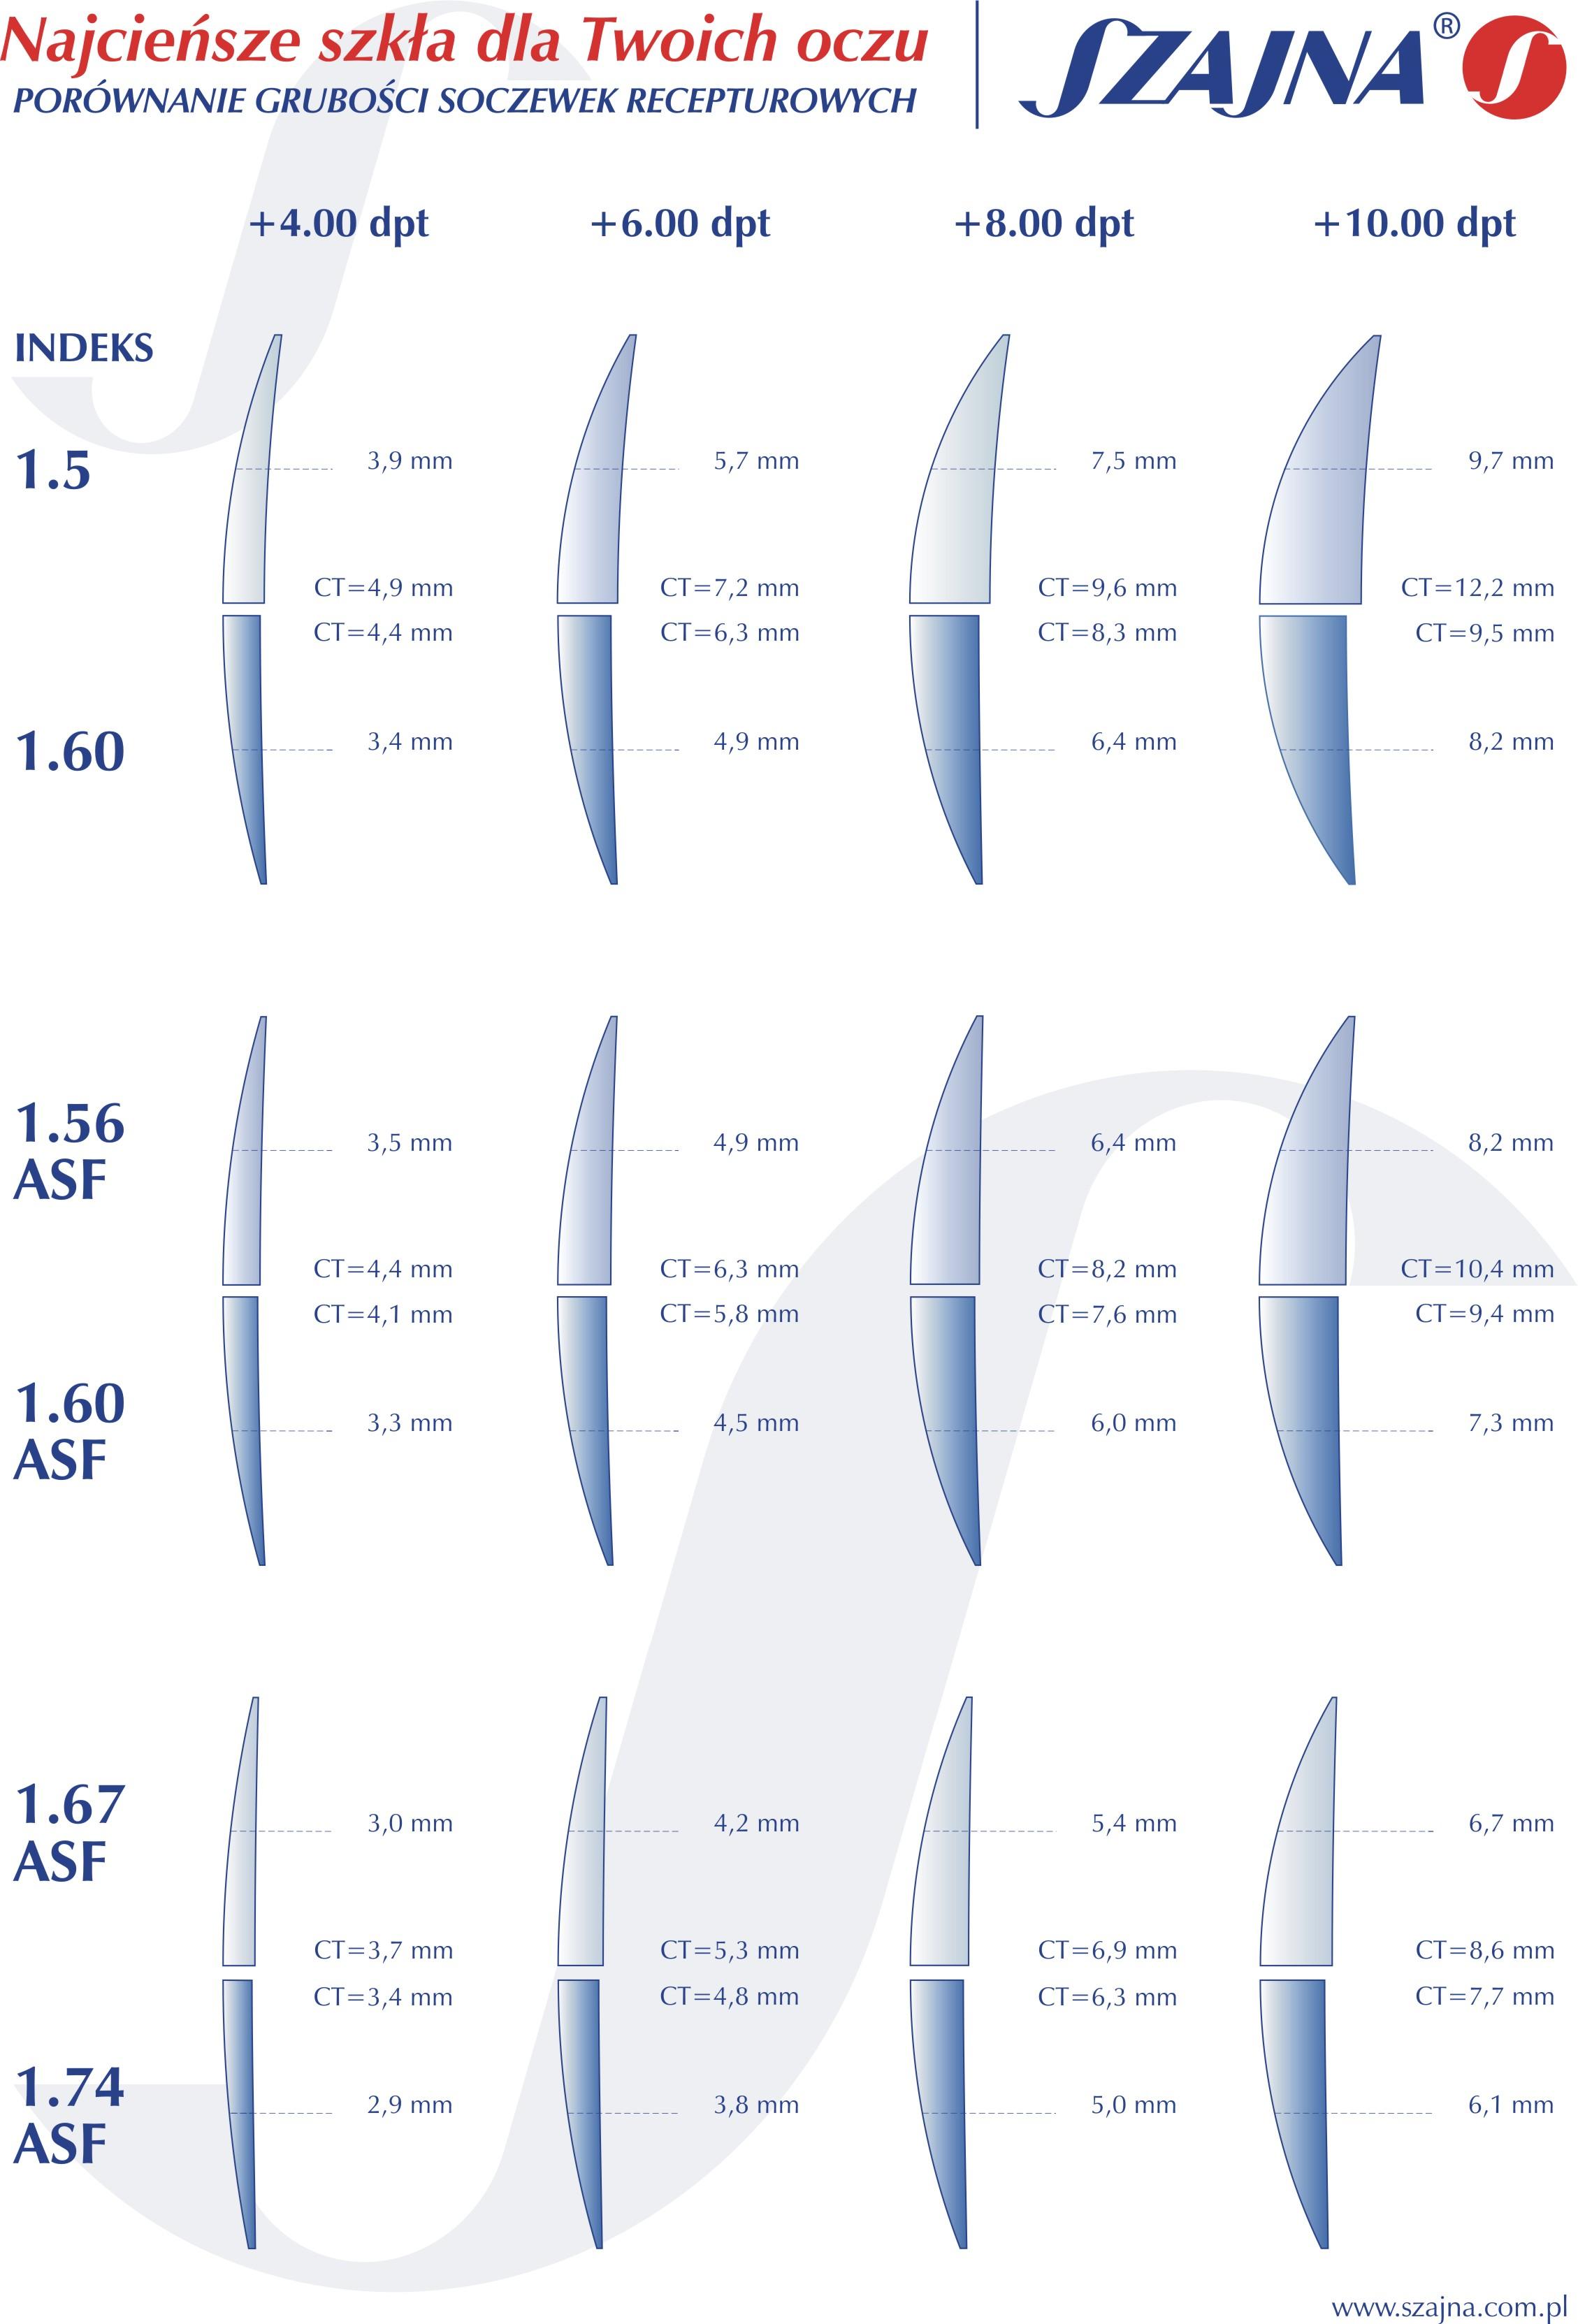 131b3edb4a96 Porównanie grubości dla ww. szkieł przedstawiono dla mocy ujemnych TUTAJ